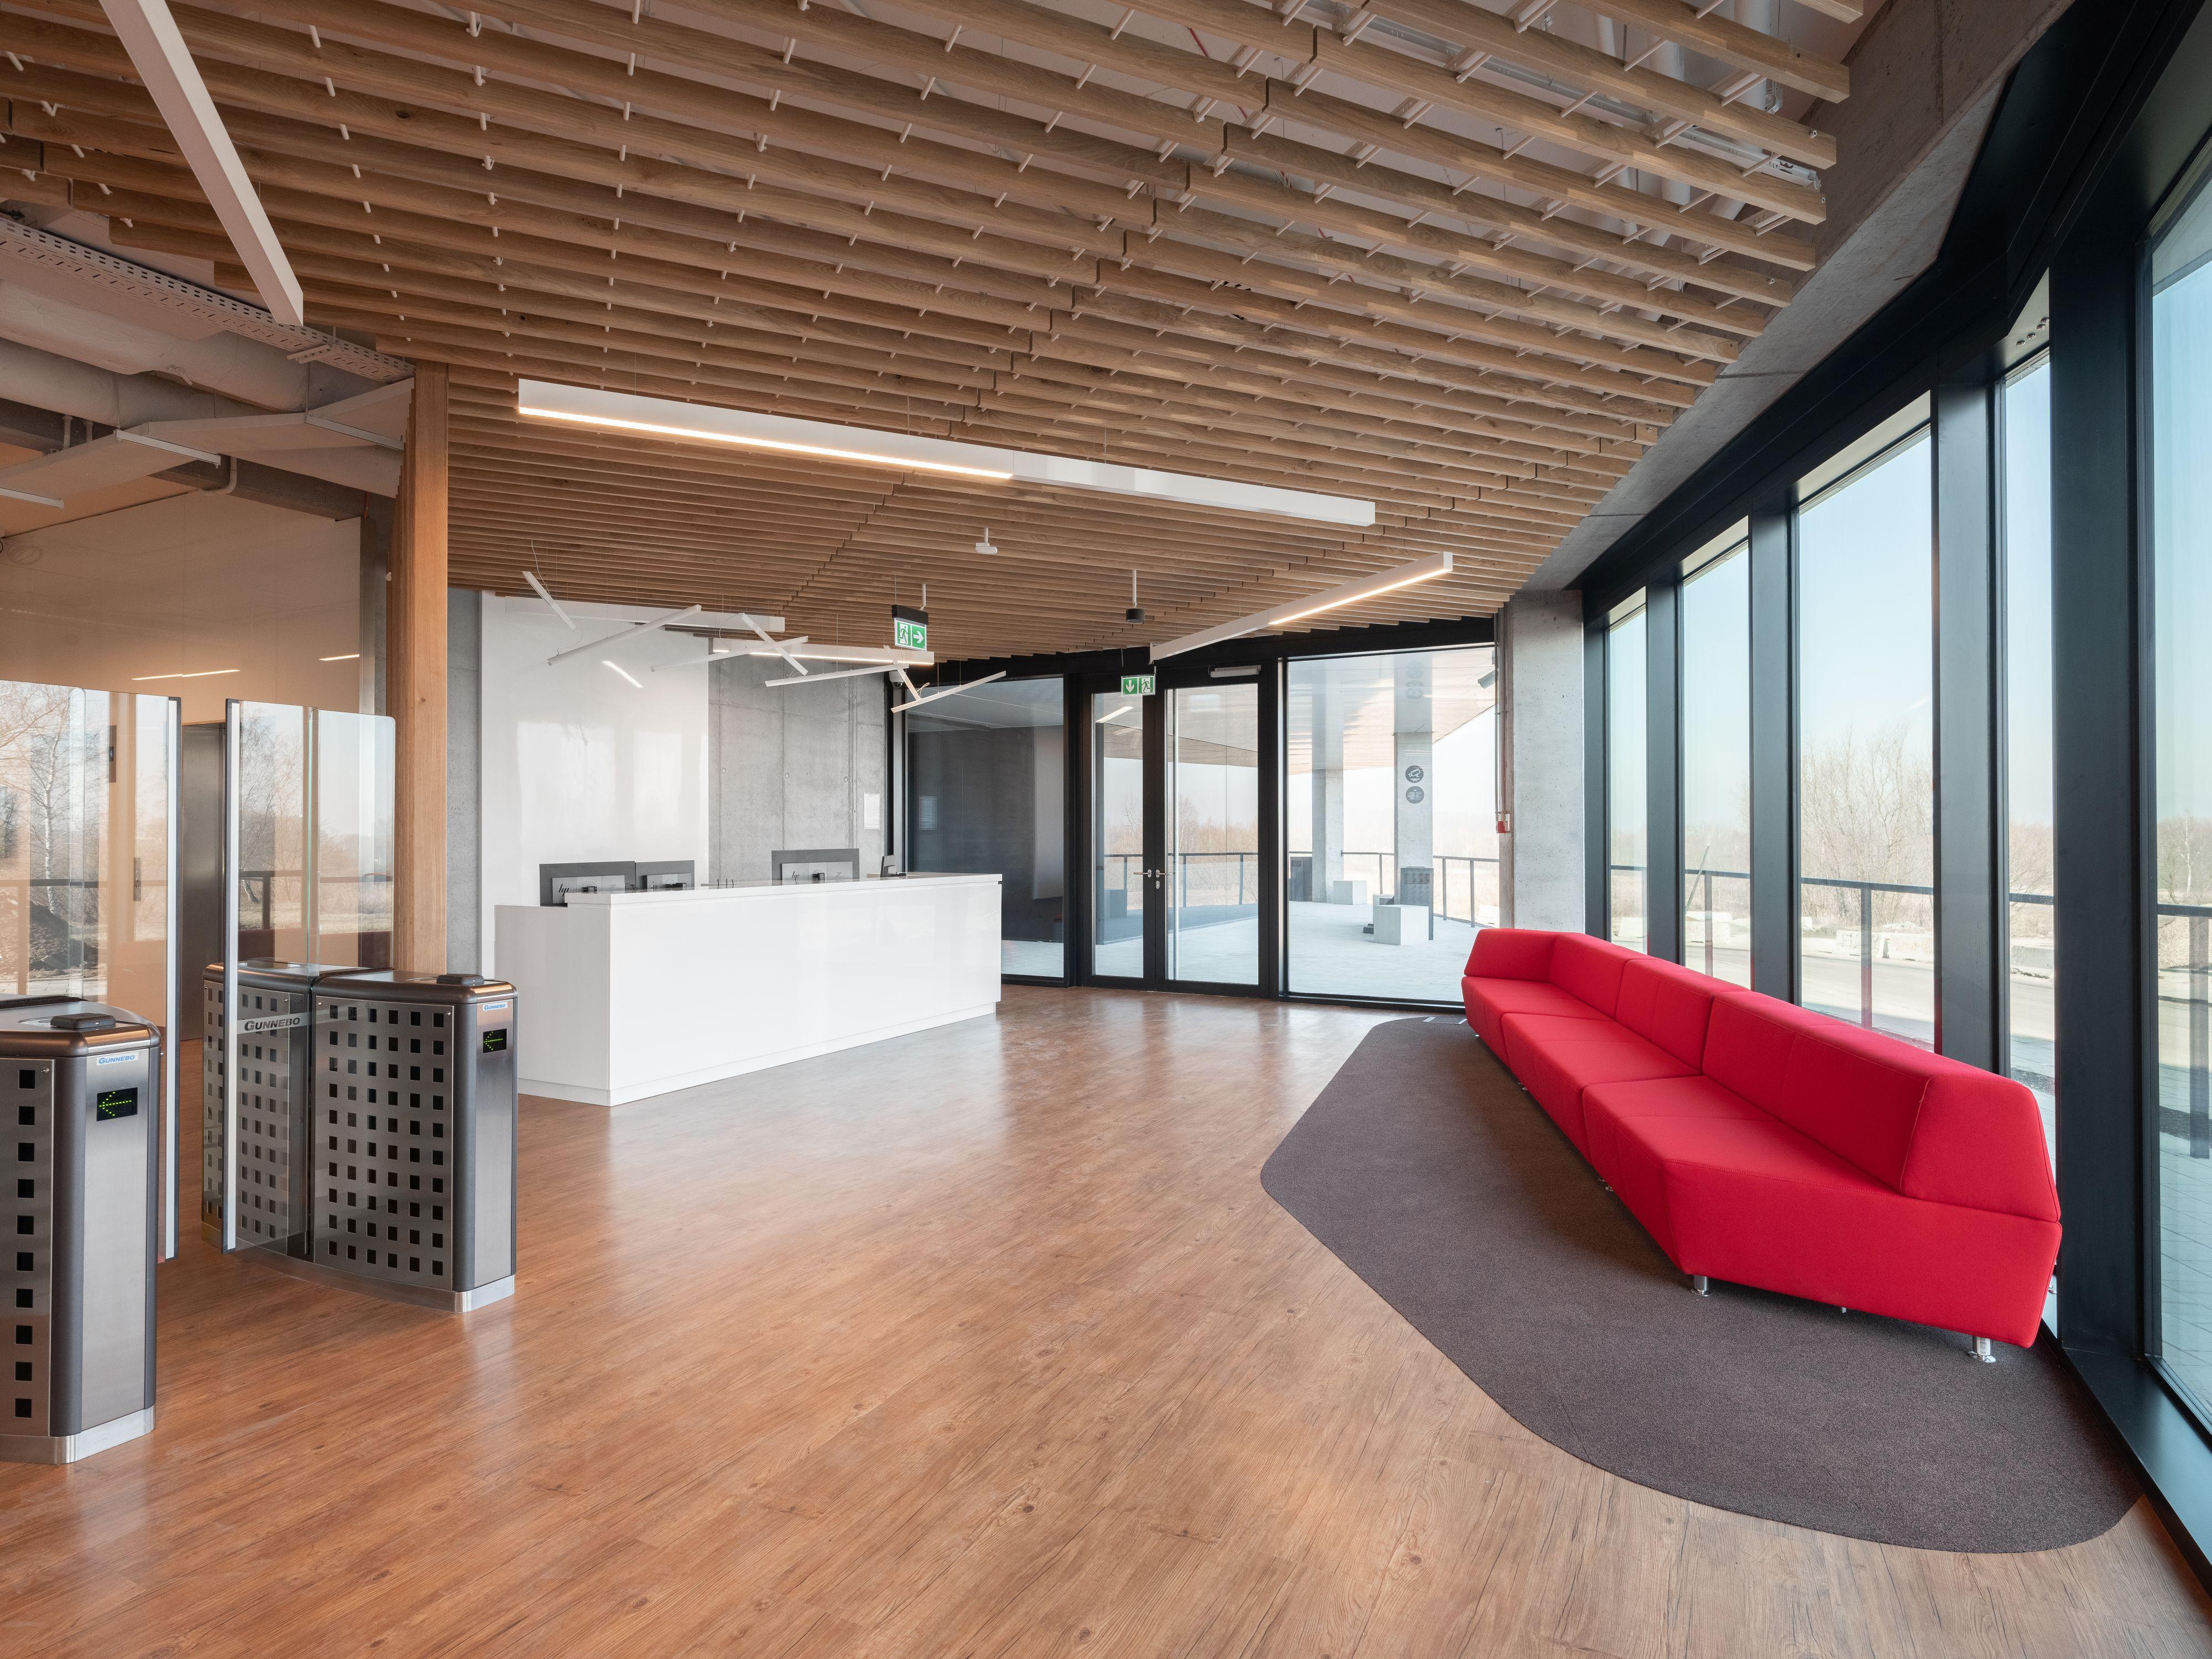 Oprócz przestrzeni typu open space, istotne są również dodatkowe pomieszczenia przeznaczone do prac w mniejszych i większych grupach czy cichej pracy indywidualnej. (Fot. Shell/Przemysław Kuciński)